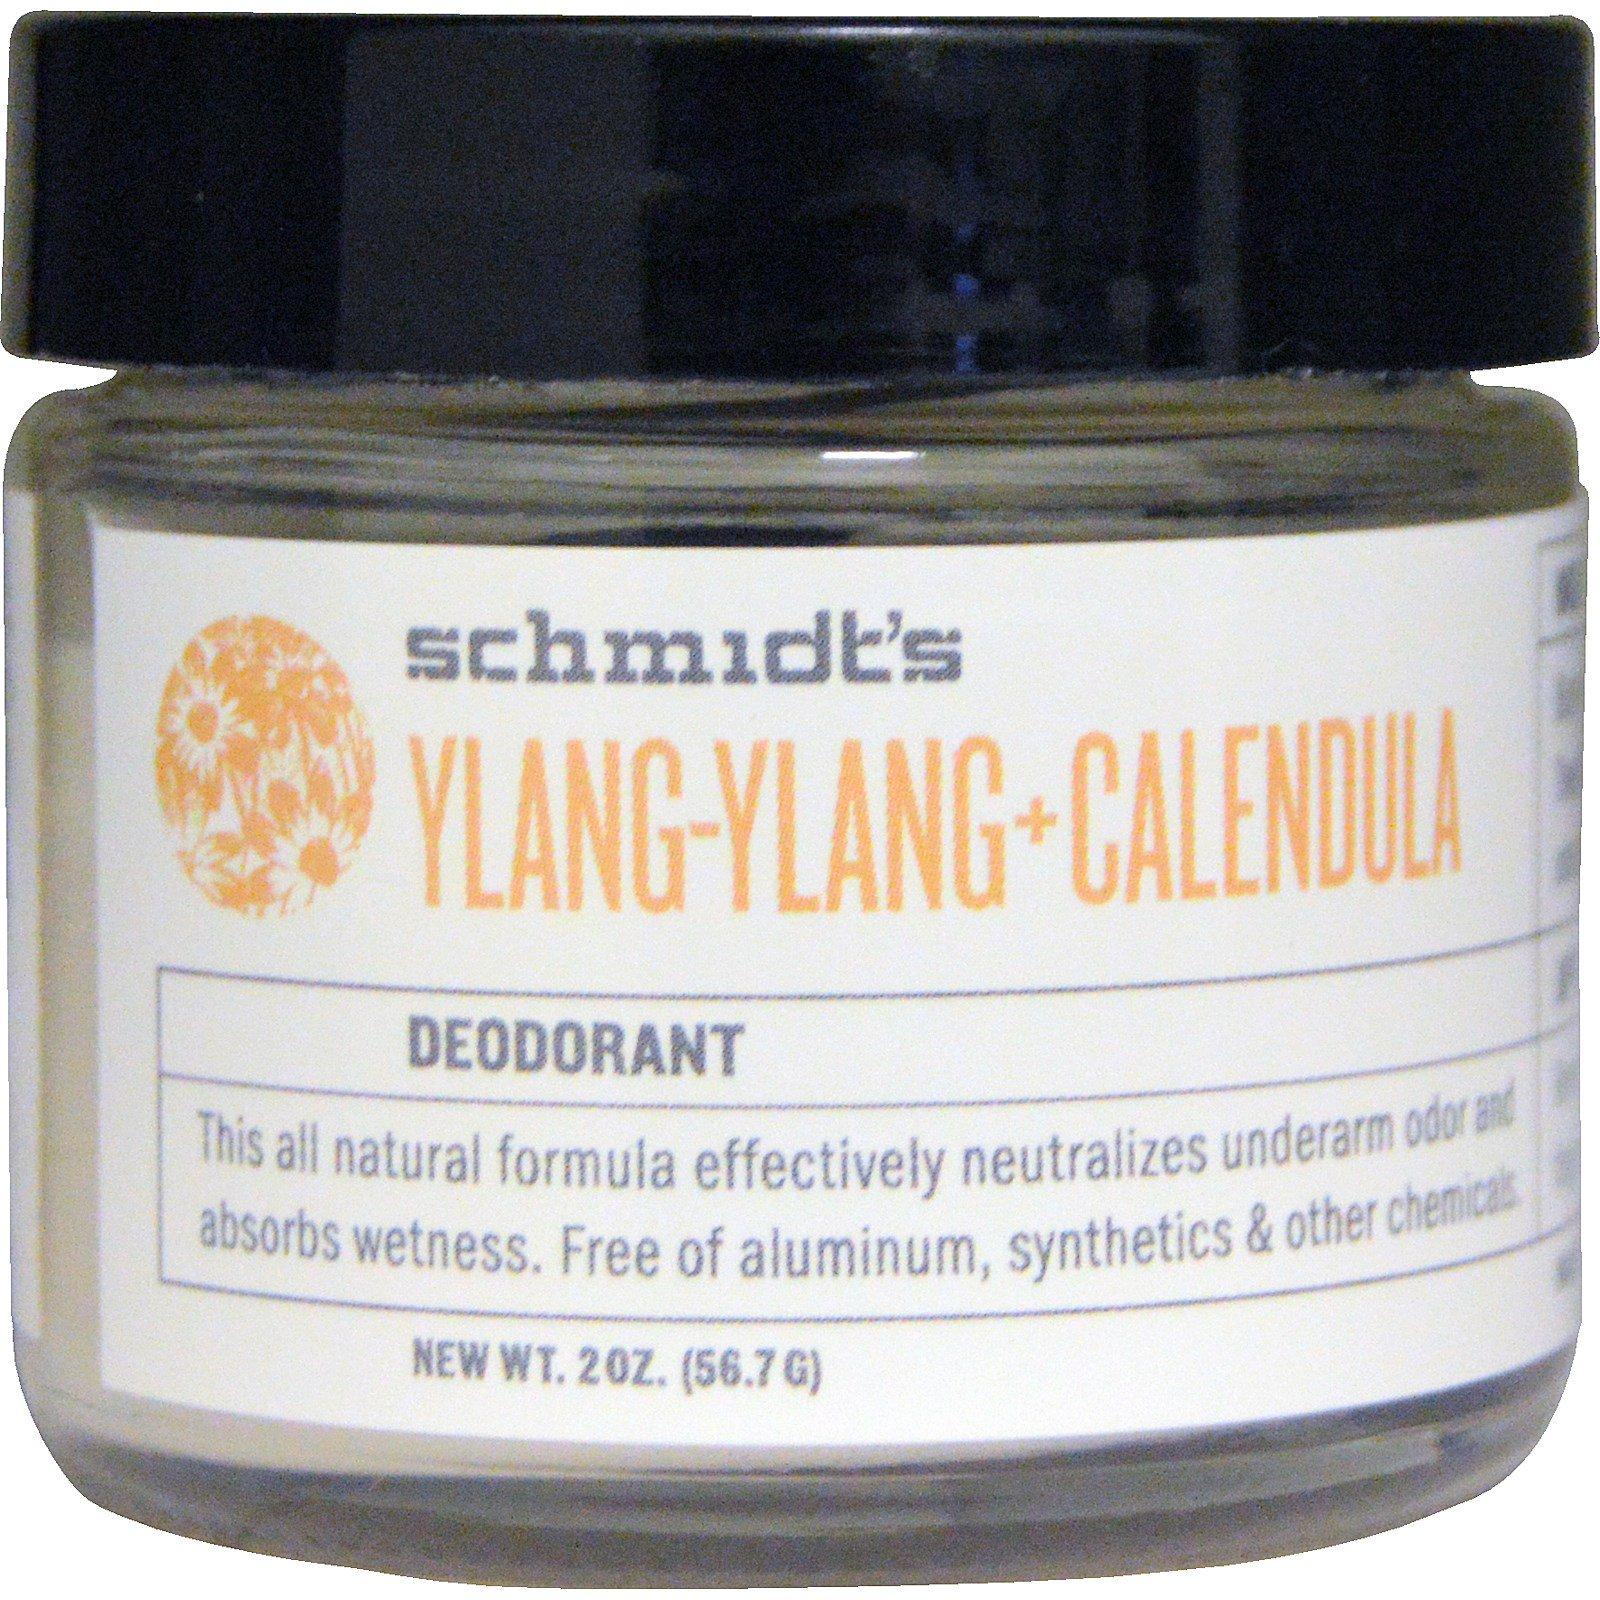 Schmidt's Natural Deodorant, Иланг-иланг + календула, 2 унции (56,7 г)